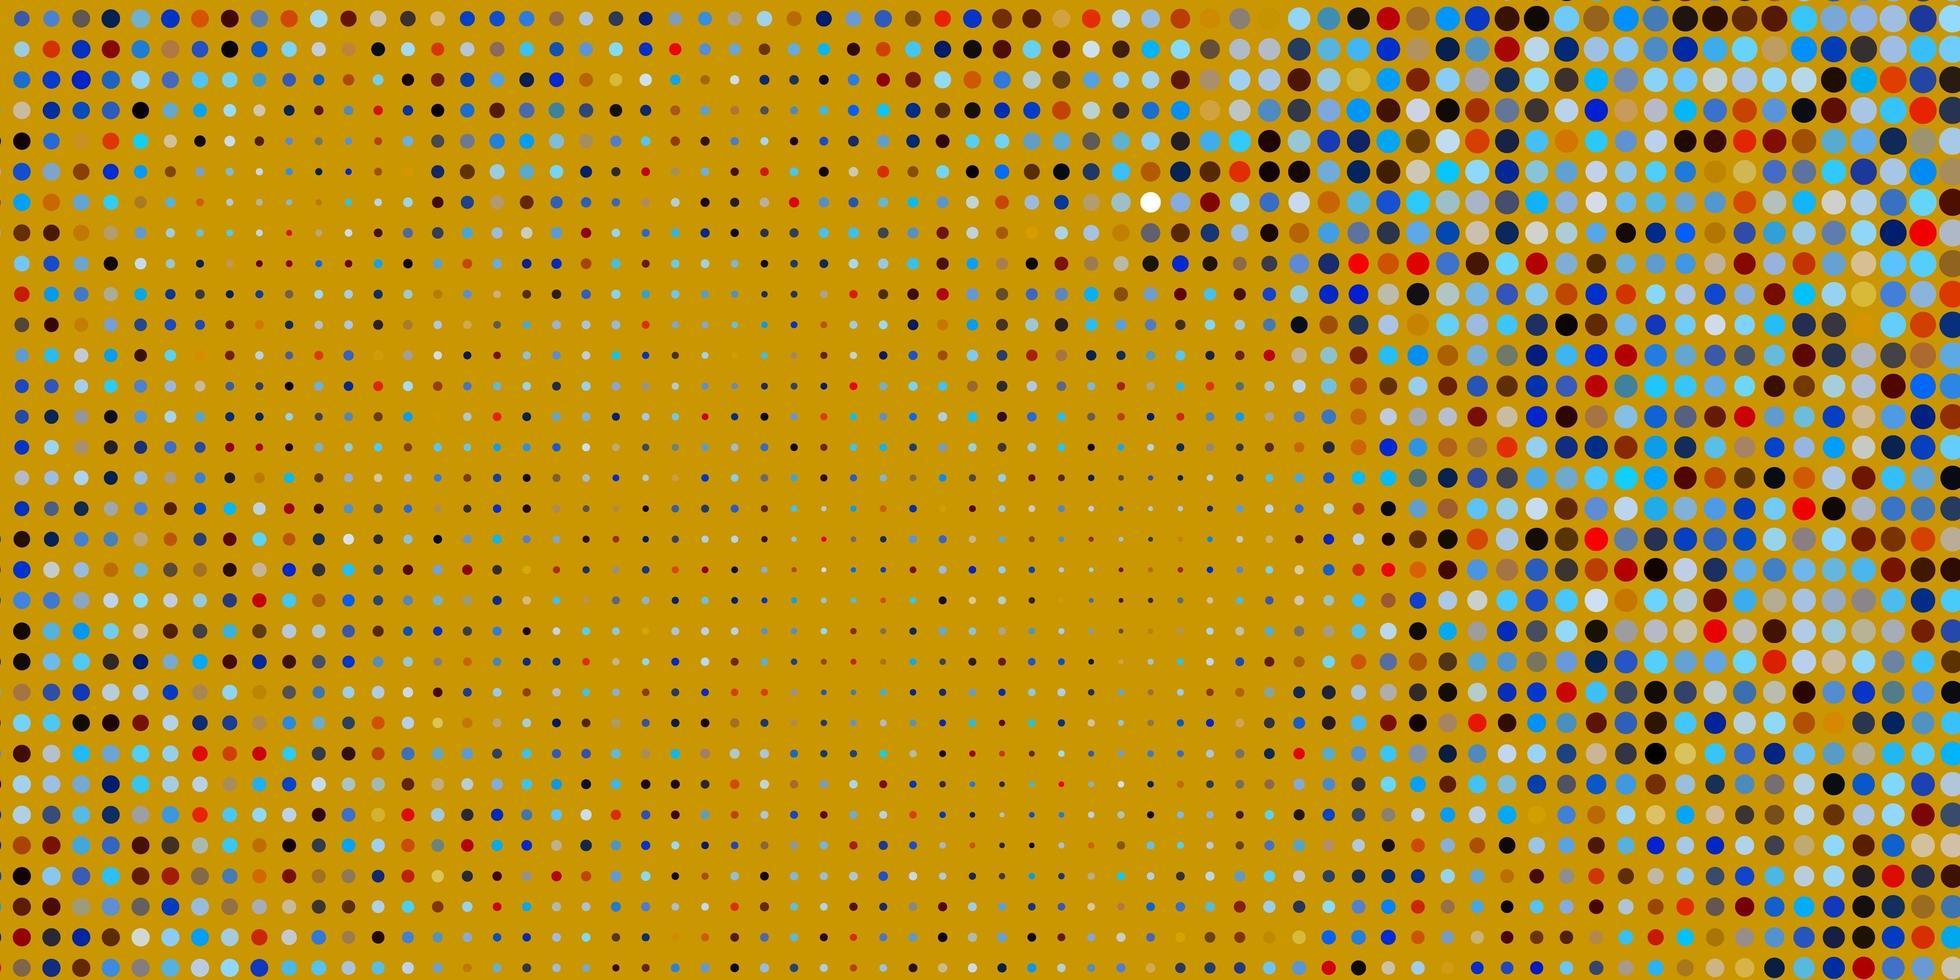 lichtblauwe, gele achtergrond met stippen. vector